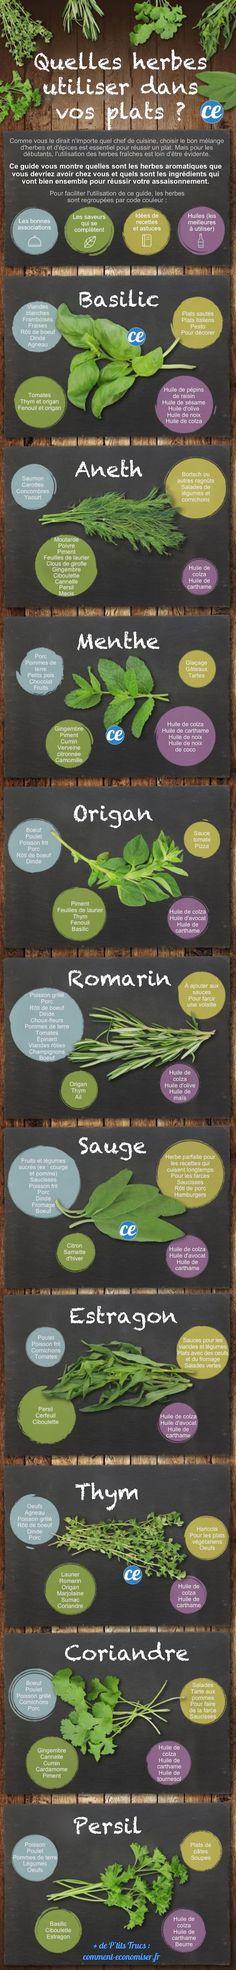 Quelles+Herbes+Aromatiques+Utiliser+Dans+Vos+Plats+?+Le+Guide+Pour+Ne+Plus+JAMAIS+Se+Tromper.